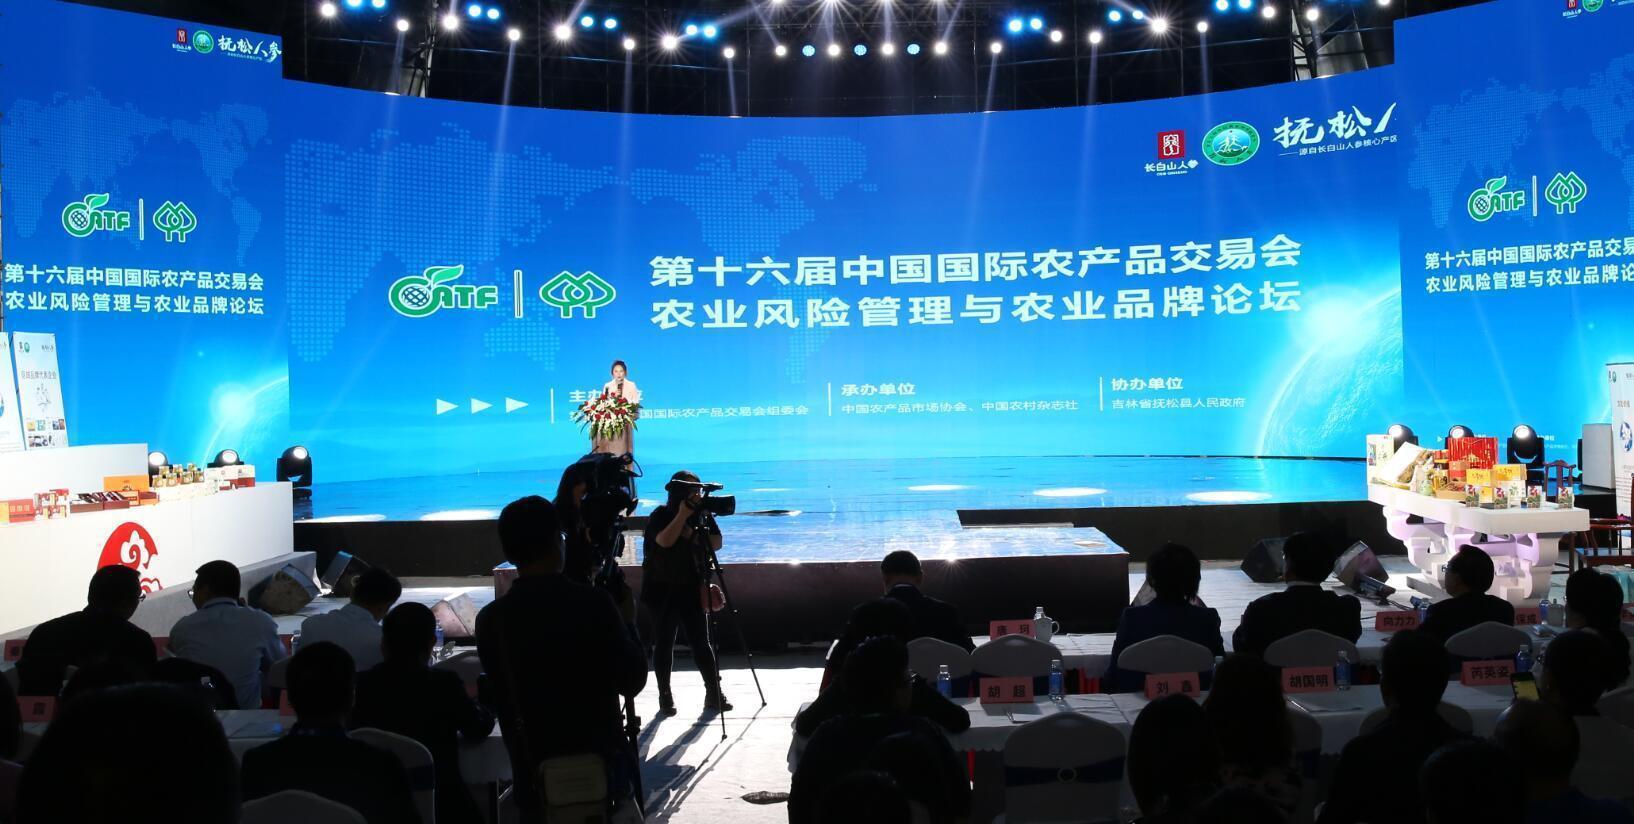 农业风险管理与农业品牌论坛在湖南长沙隆重召开 抚松人参强势助力彰显高端气质